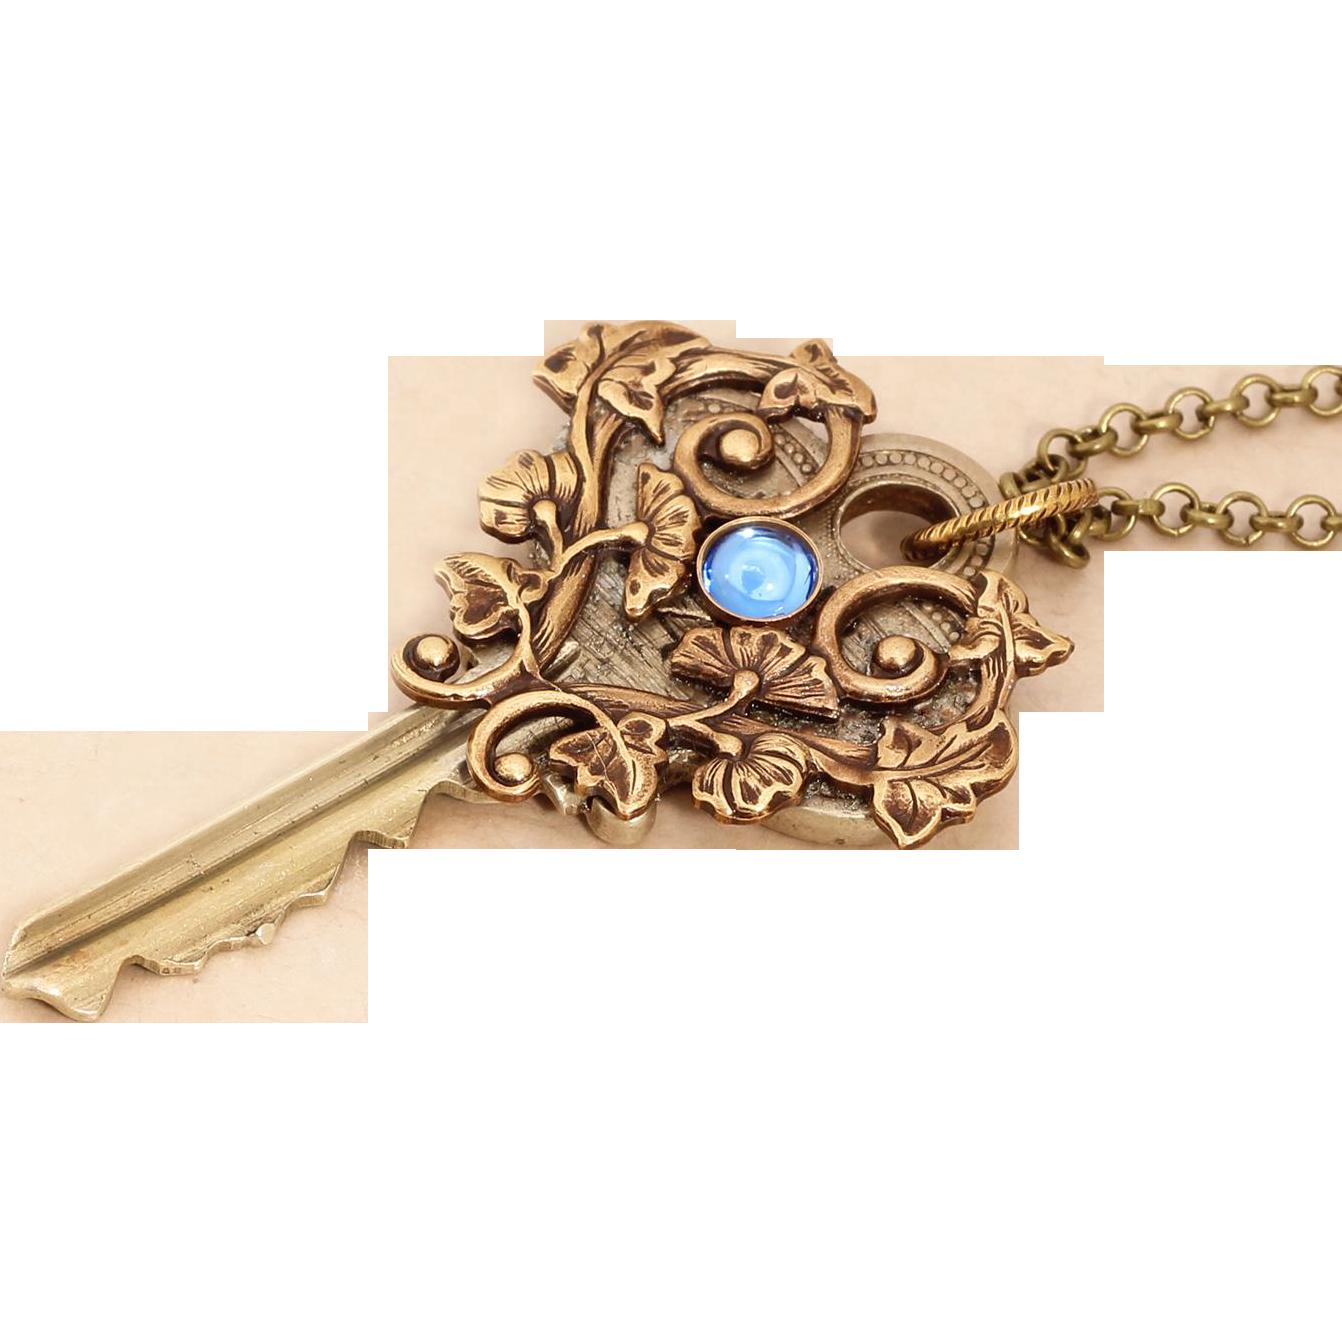 Key Necklace Vintage Key Necklace Key Jewelry Key Pendant Necklace